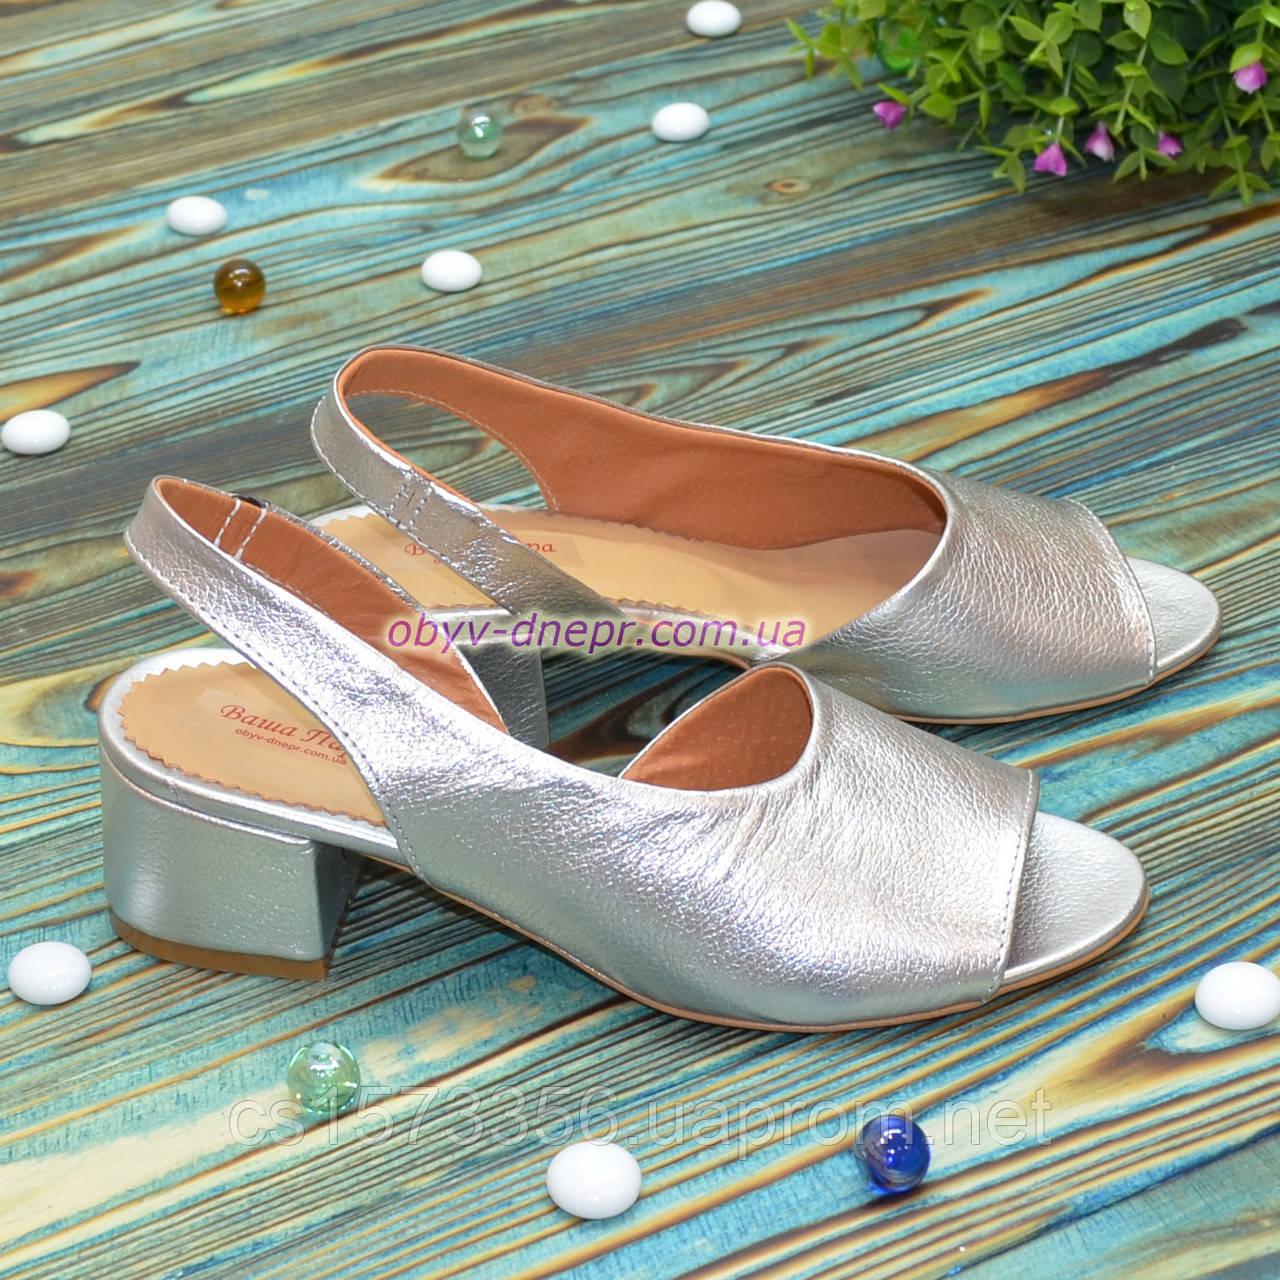 Женские босоножки на невысоком каблуке, цвет серебро